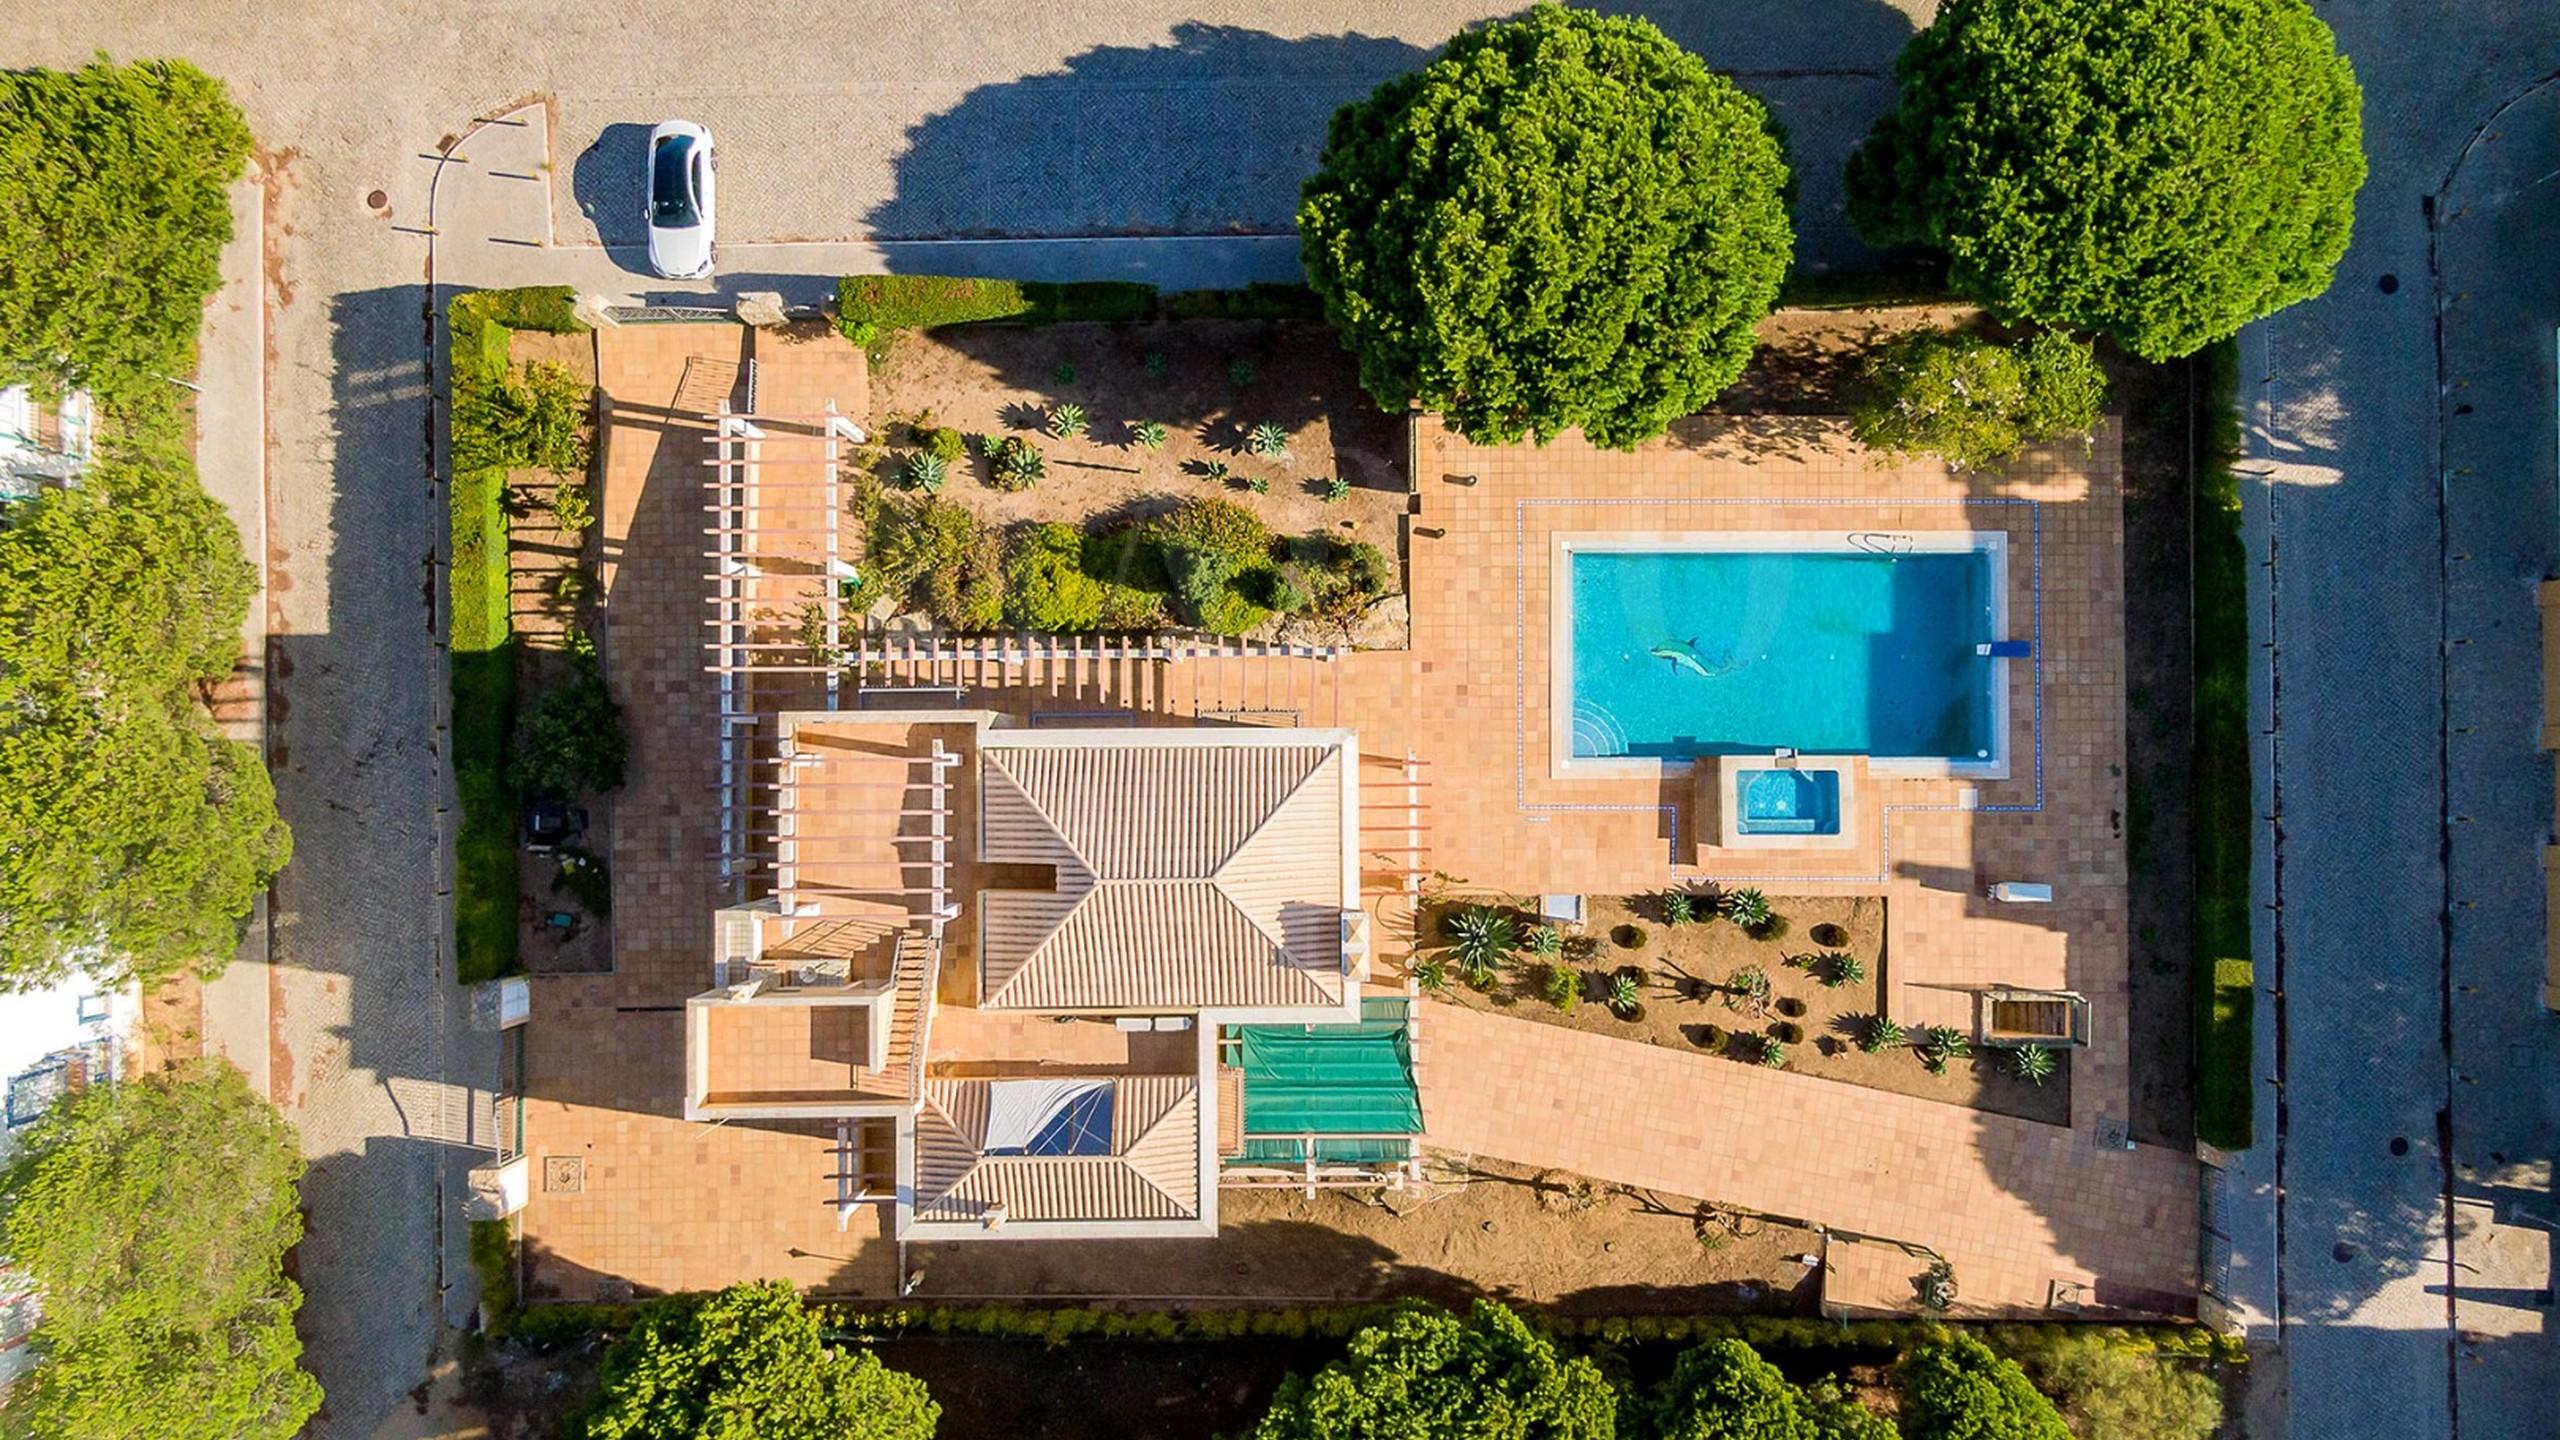 Villa Classique Sur La Plage - vue aérienne